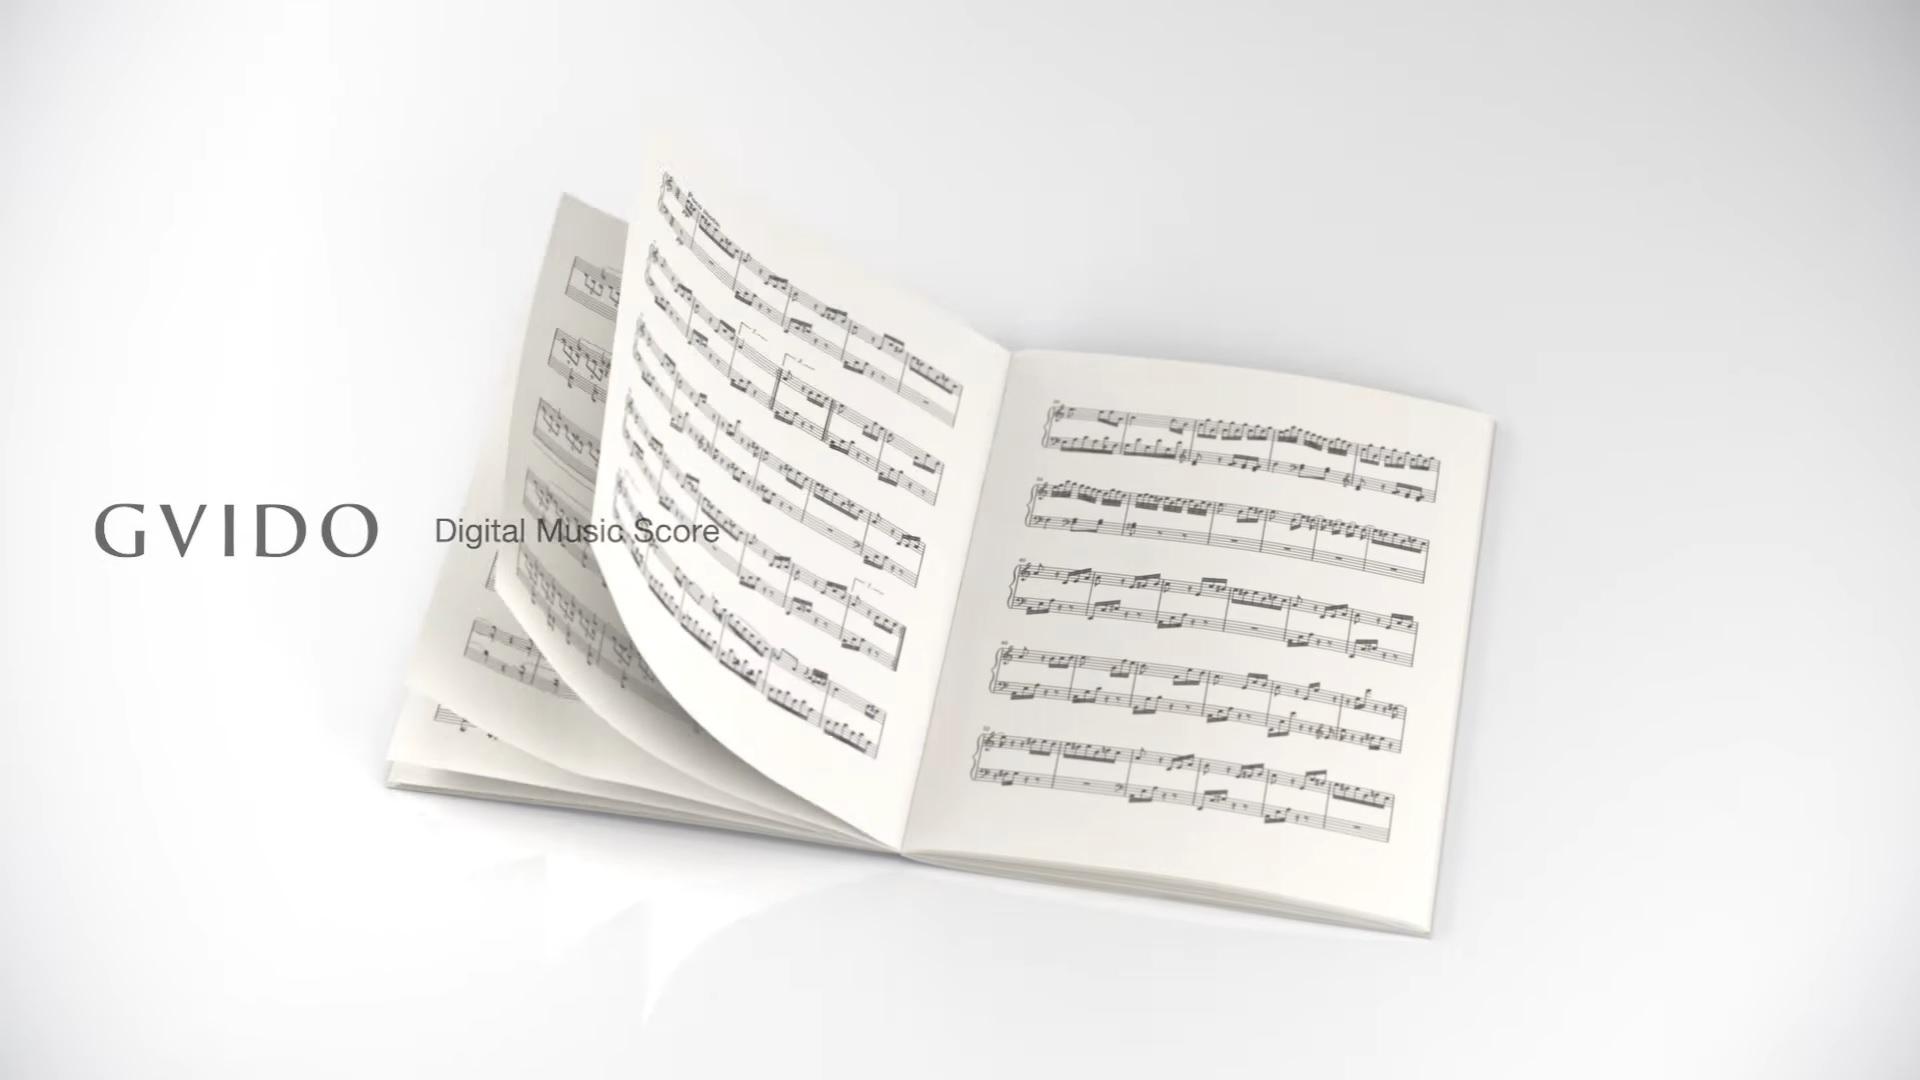 電子楽譜GVIDOは買い?メリットとデメリットを考える